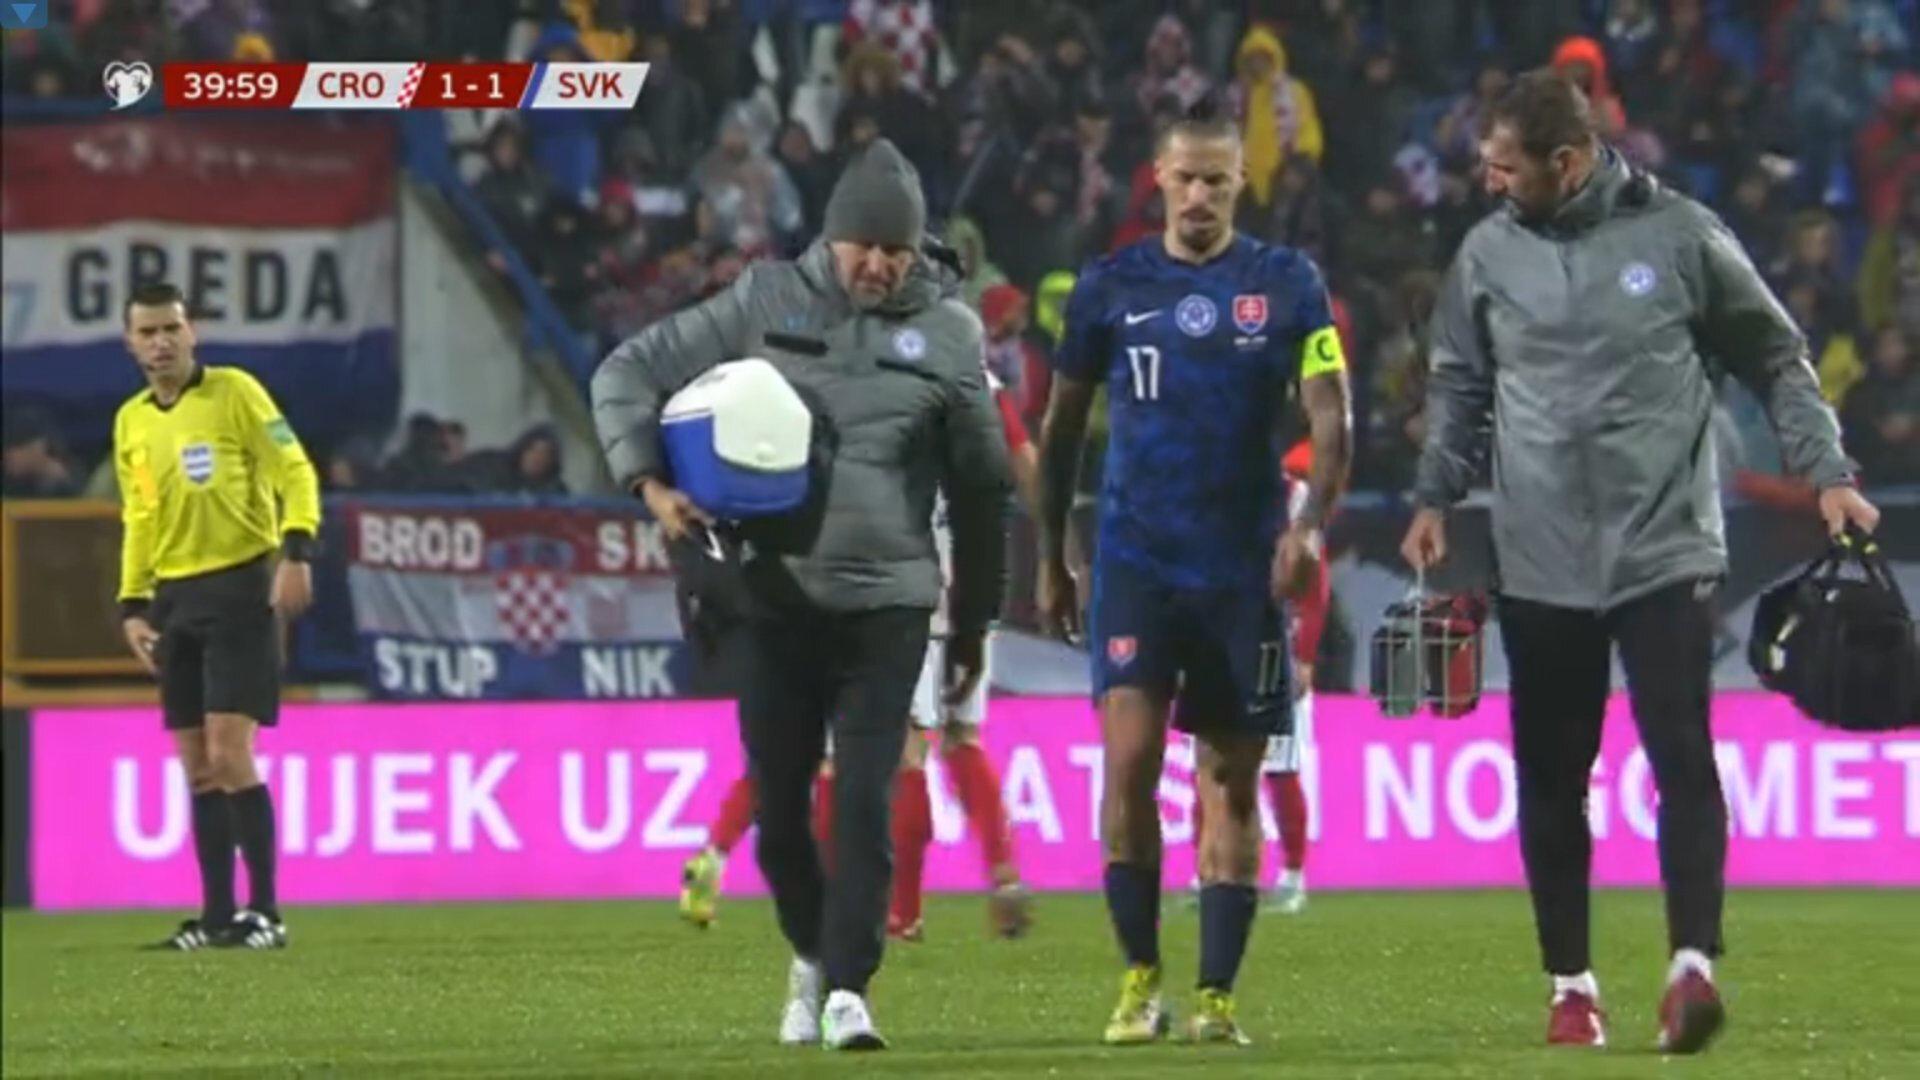 Hamsik oyundan yürüyerek çıktı ve sedye istemedi.